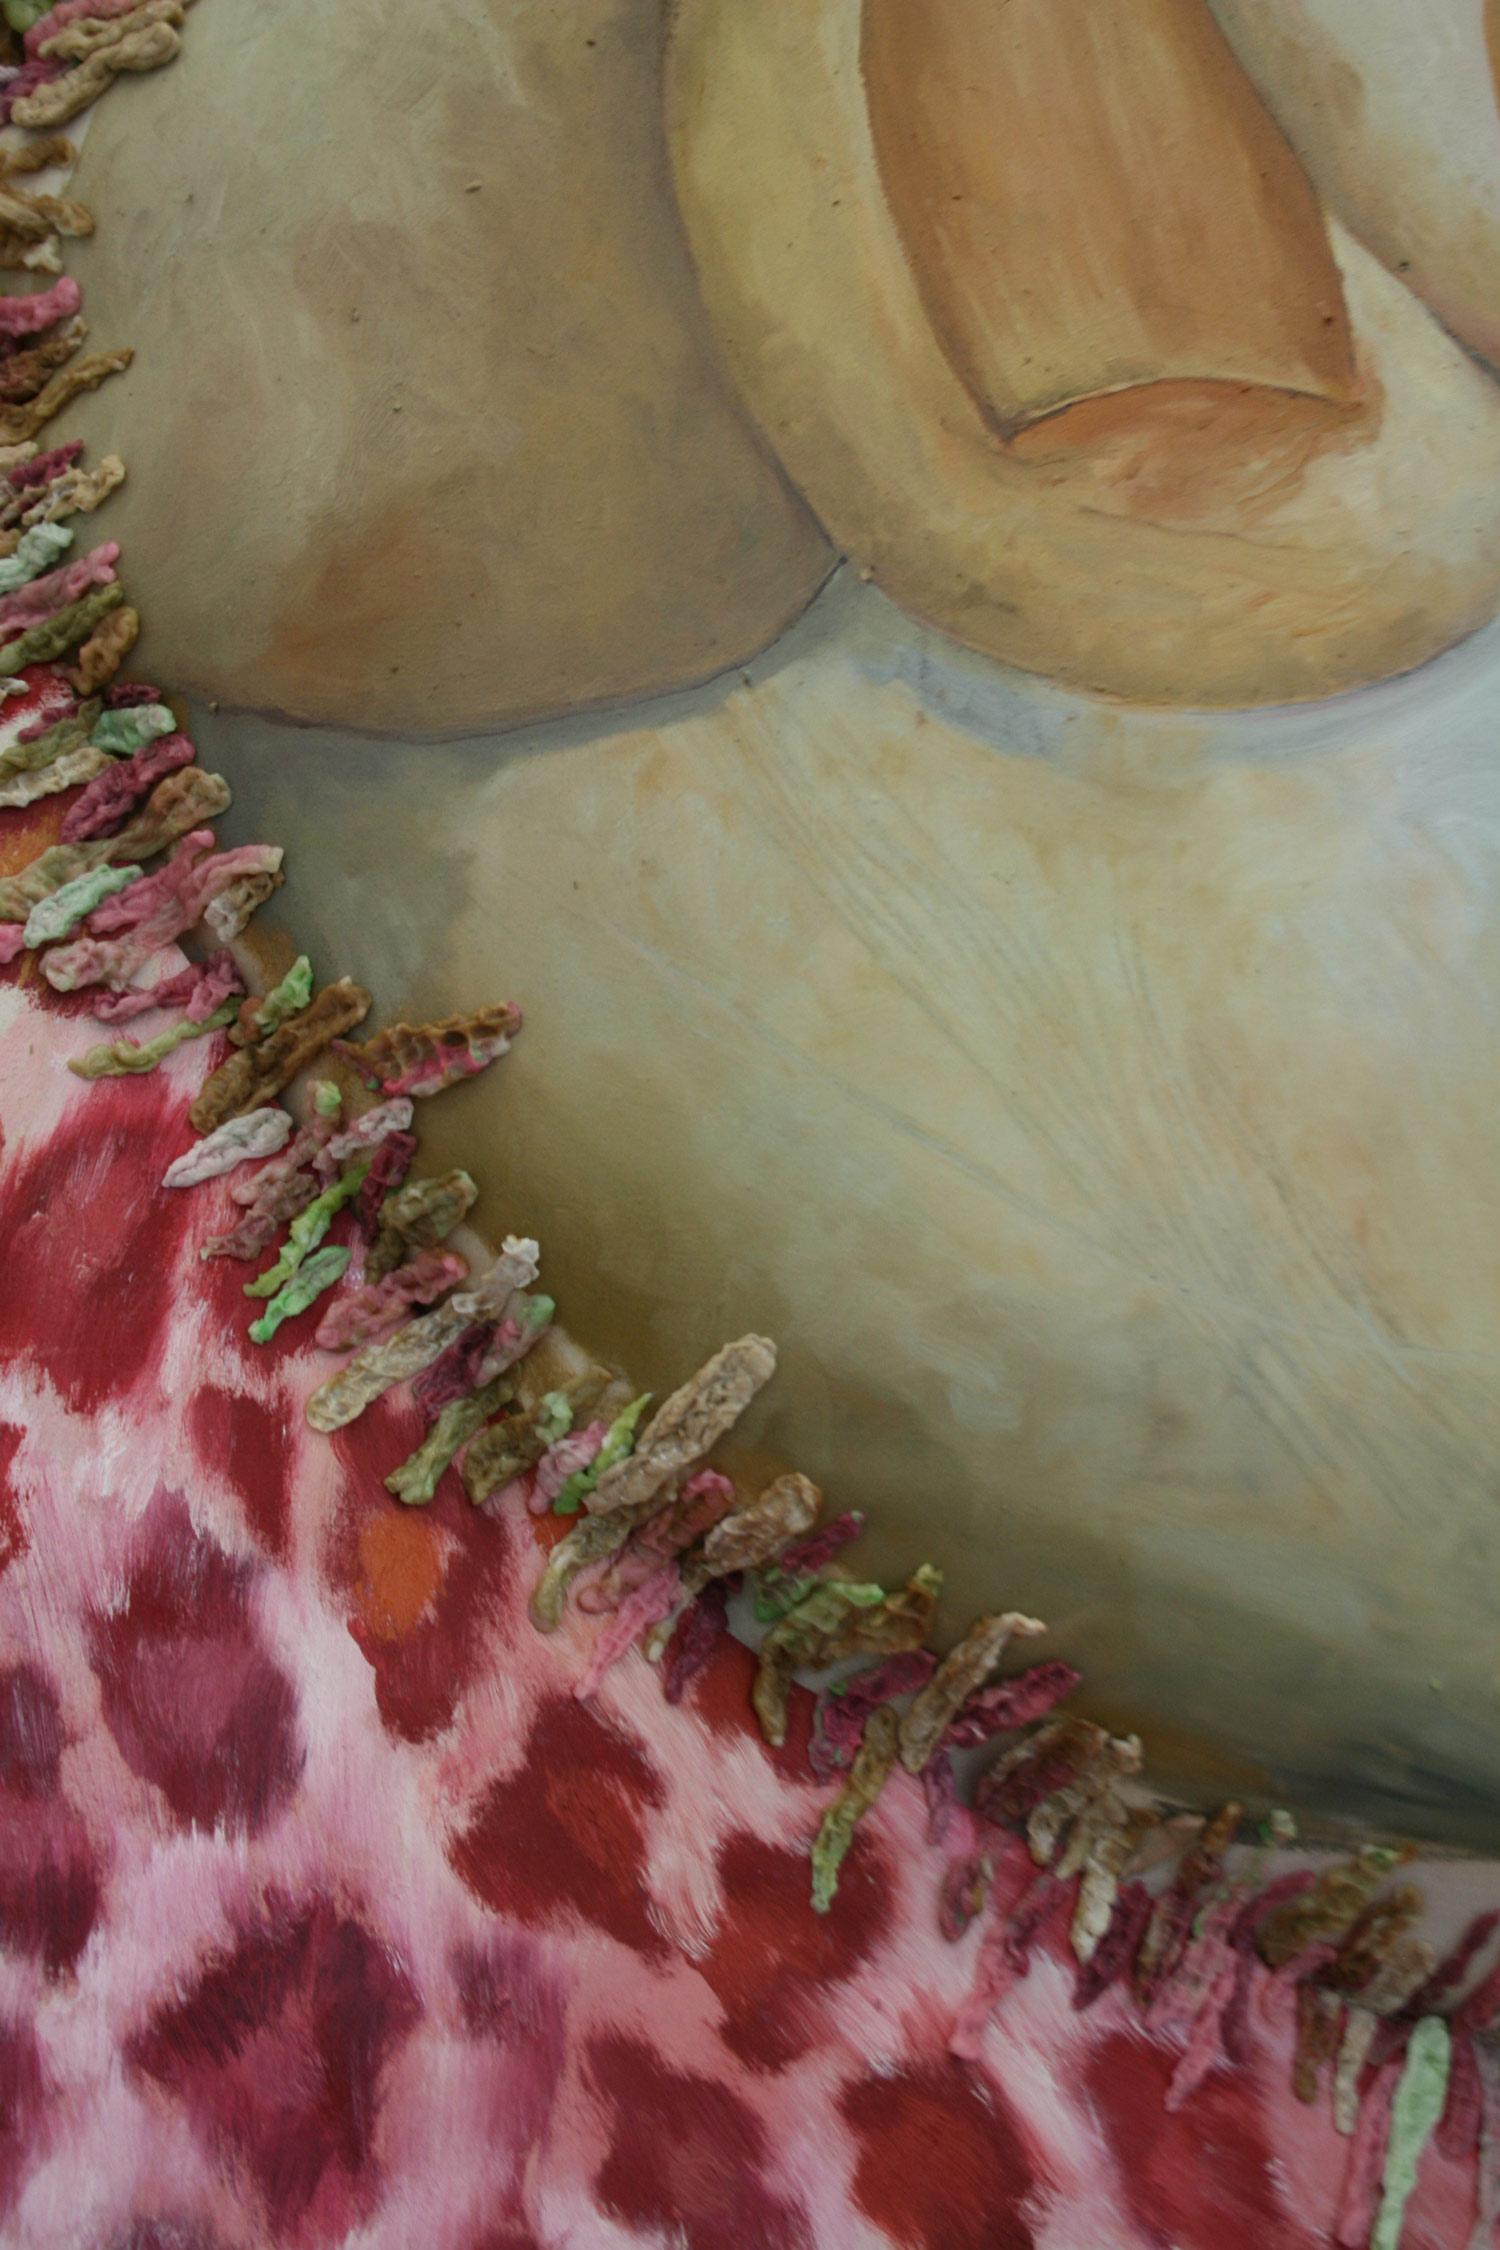 Laura Link . ohne Titel . 2013 . Ölfarbe, Kaugumi, Schaumstoff, Leinwand . 270 x 175 . Detailansicht